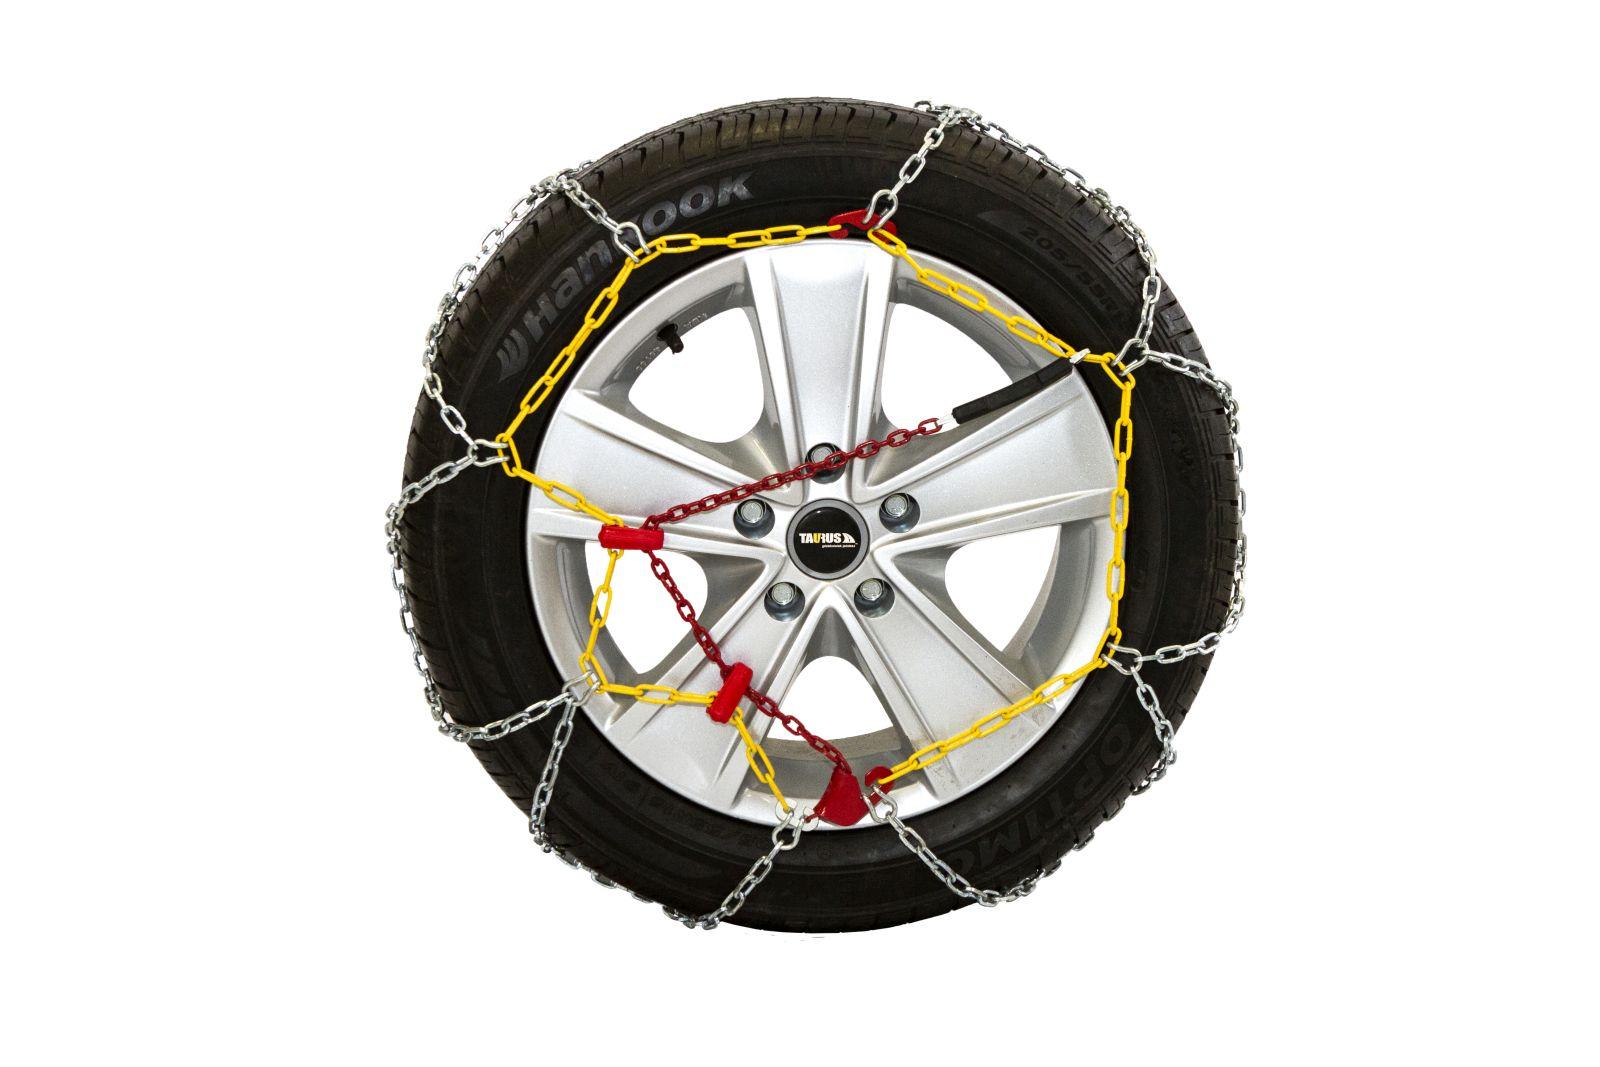 Комплект цепей противоскольжения Taurus Diament (12 мм) 80 ( звено ДСЗ 3,55мм ) с защитой литых дисков, Цепи на колёса Taurus Diament TDIA1280